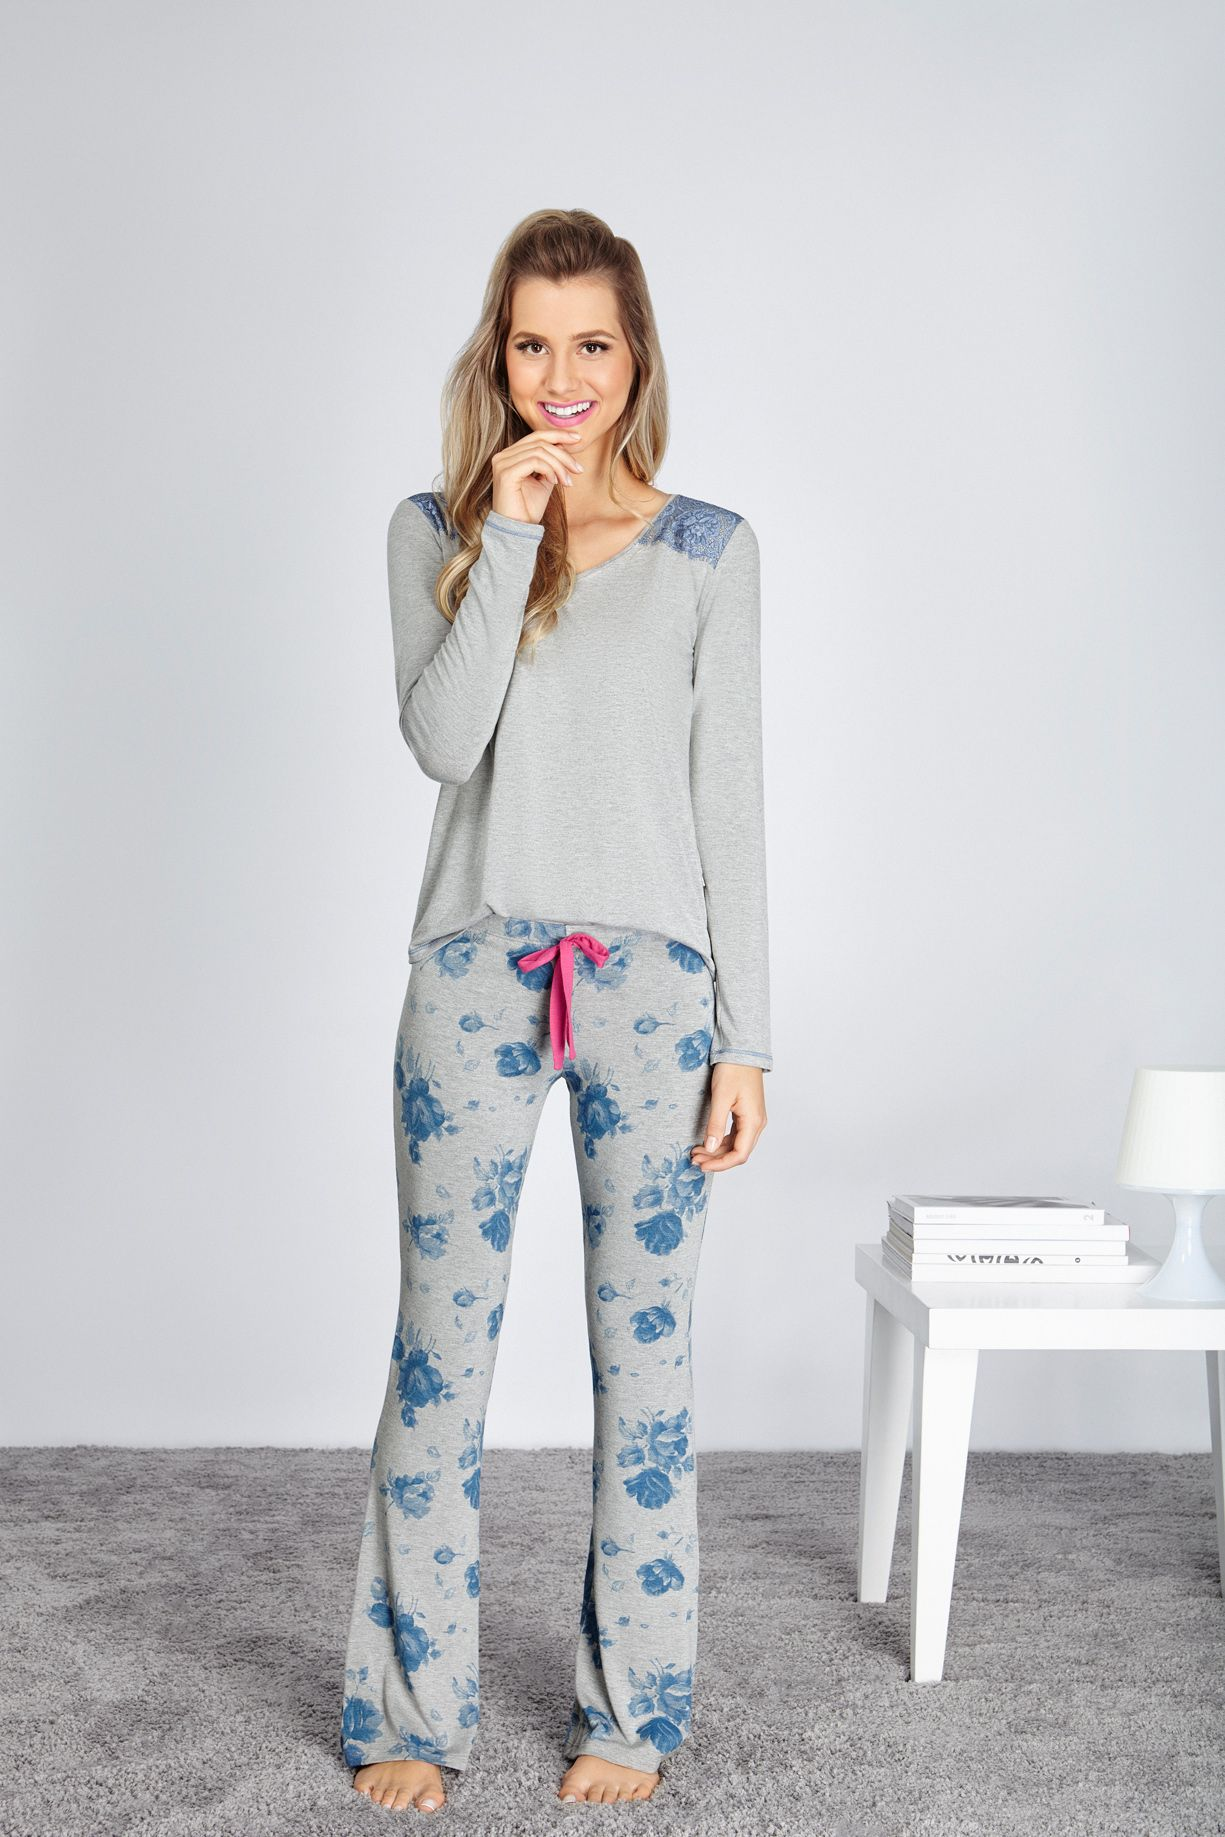 bd82936d8 dias de conforto são feitos de pijamas fofos e macios!